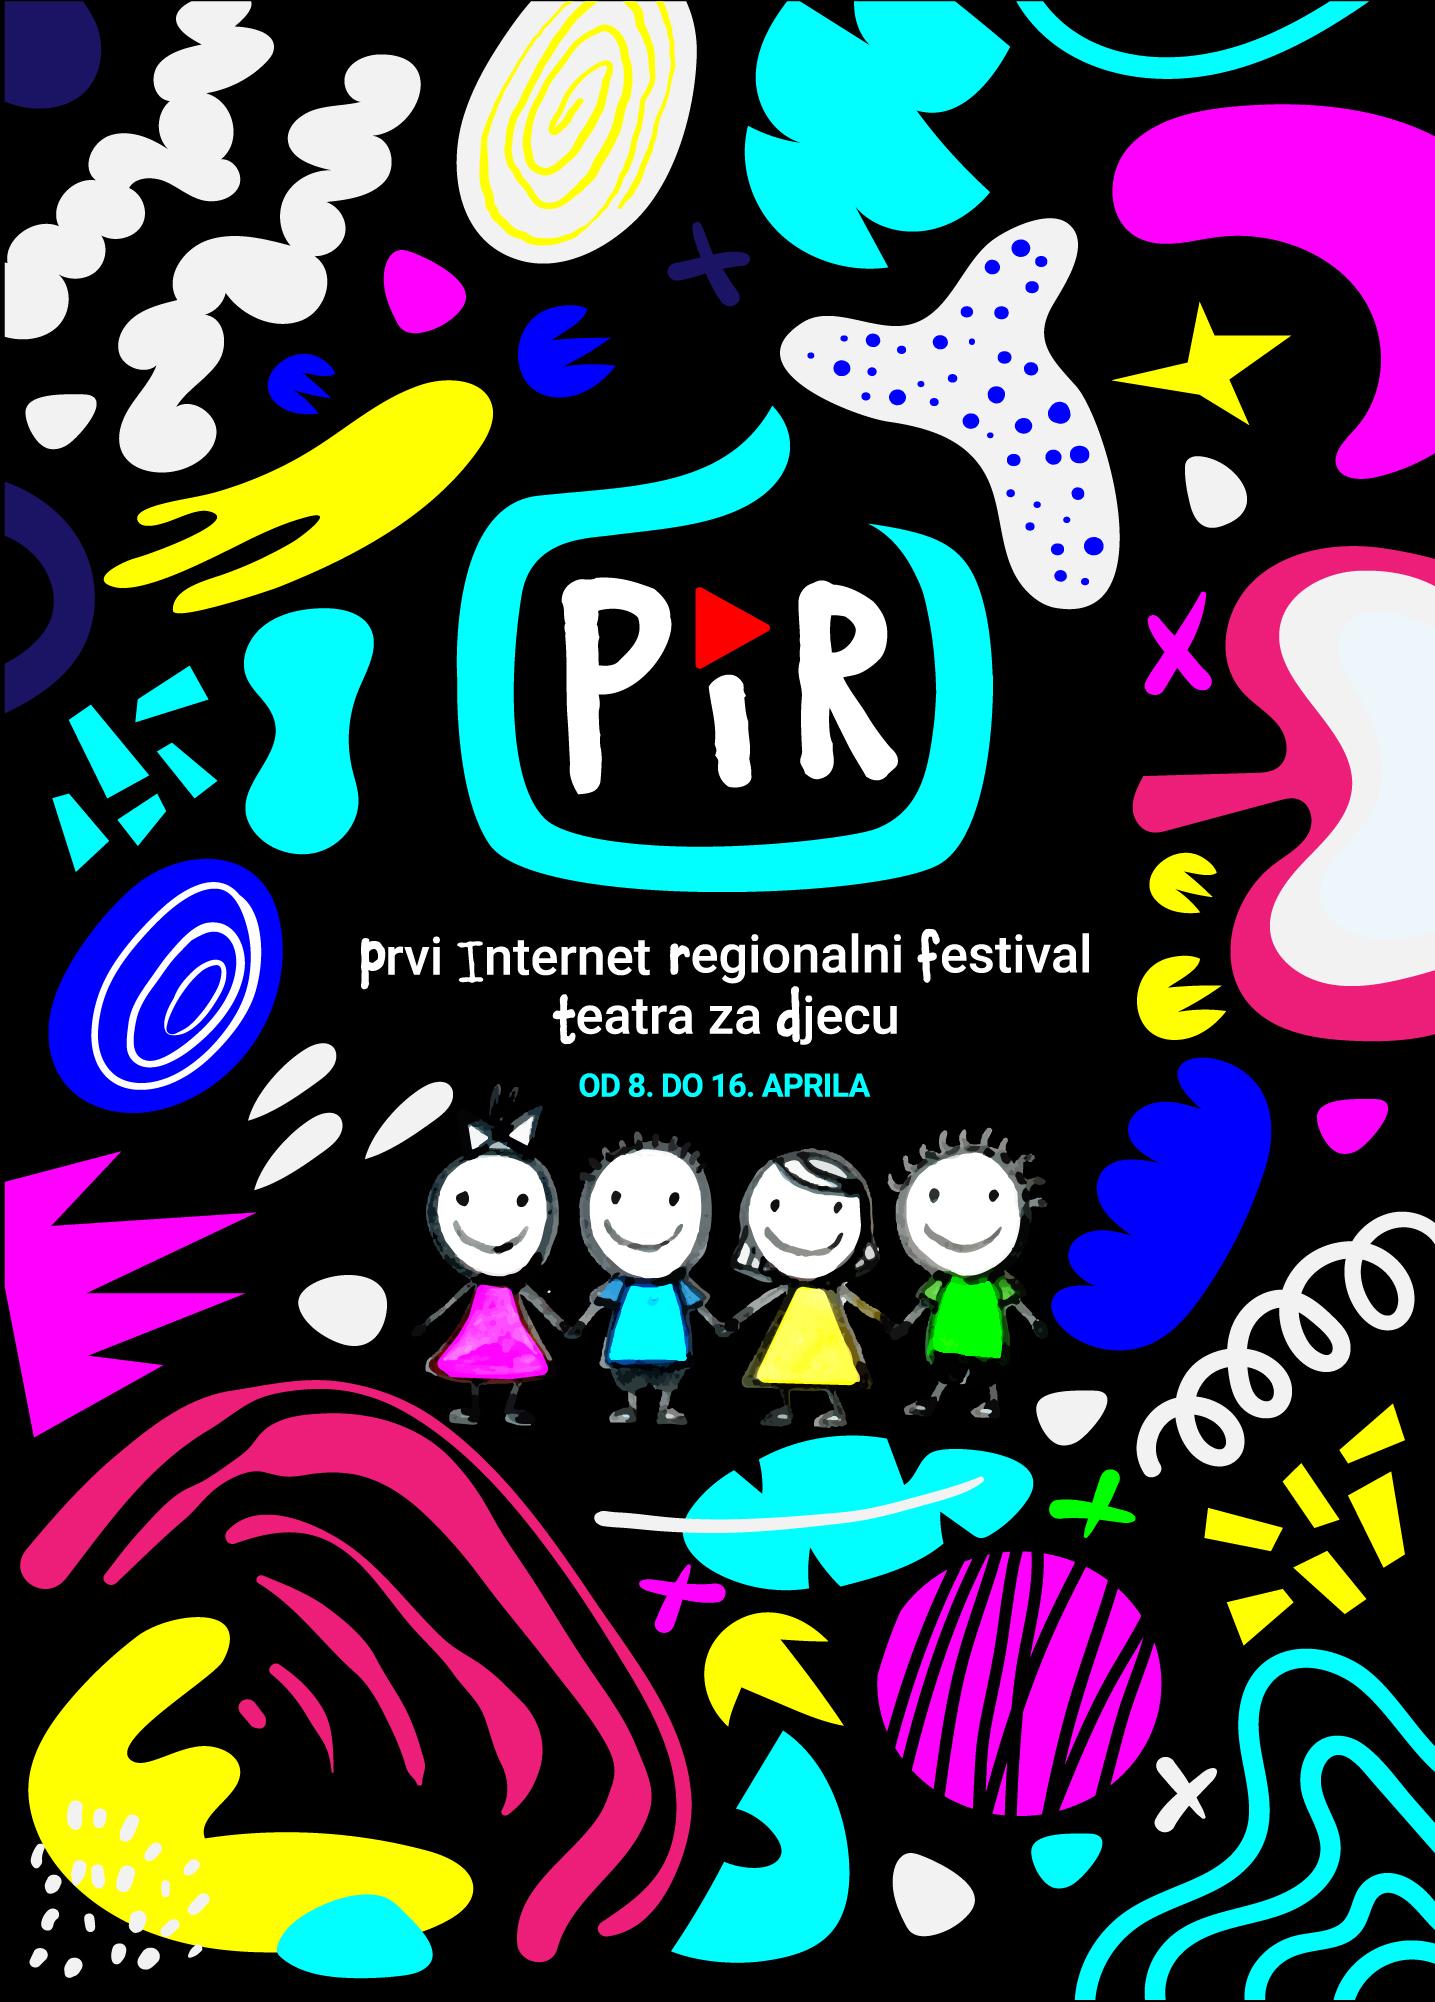 PRVI INTERNET REGIONALNI FESTIVAL TEATRA ZA DJECU – PIR FESTIVAL